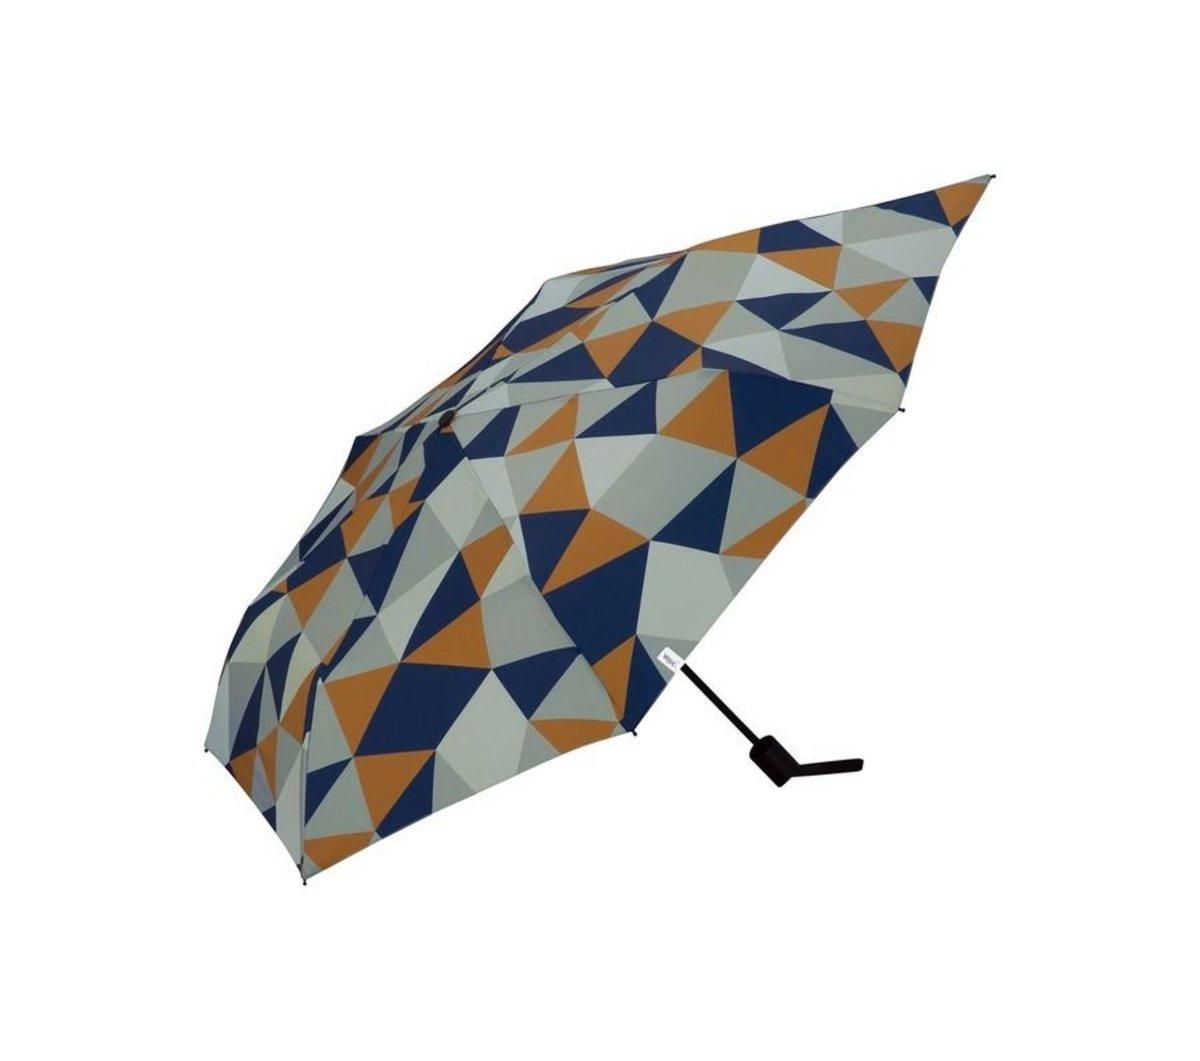 背部延長保護跣水摺雨傘/縮骨遮 - 水晶 (MSS-068)